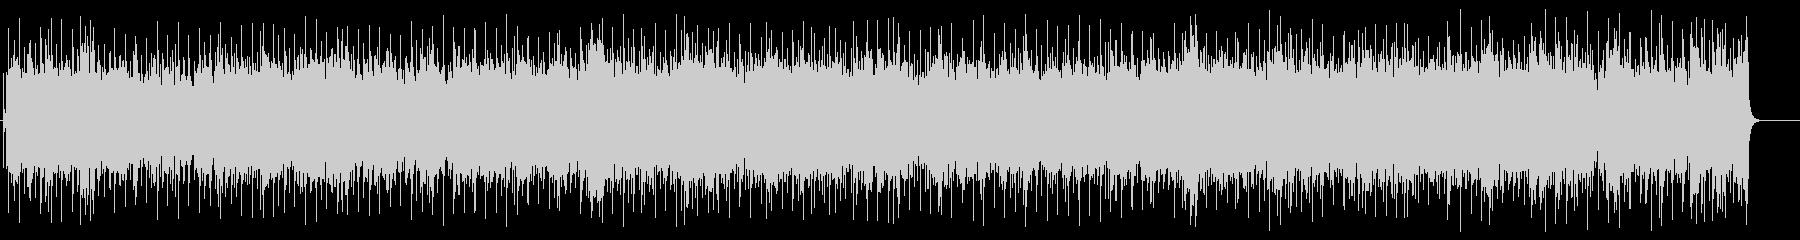 感動の終わりを迎える楽曲(フルサイズ)の未再生の波形